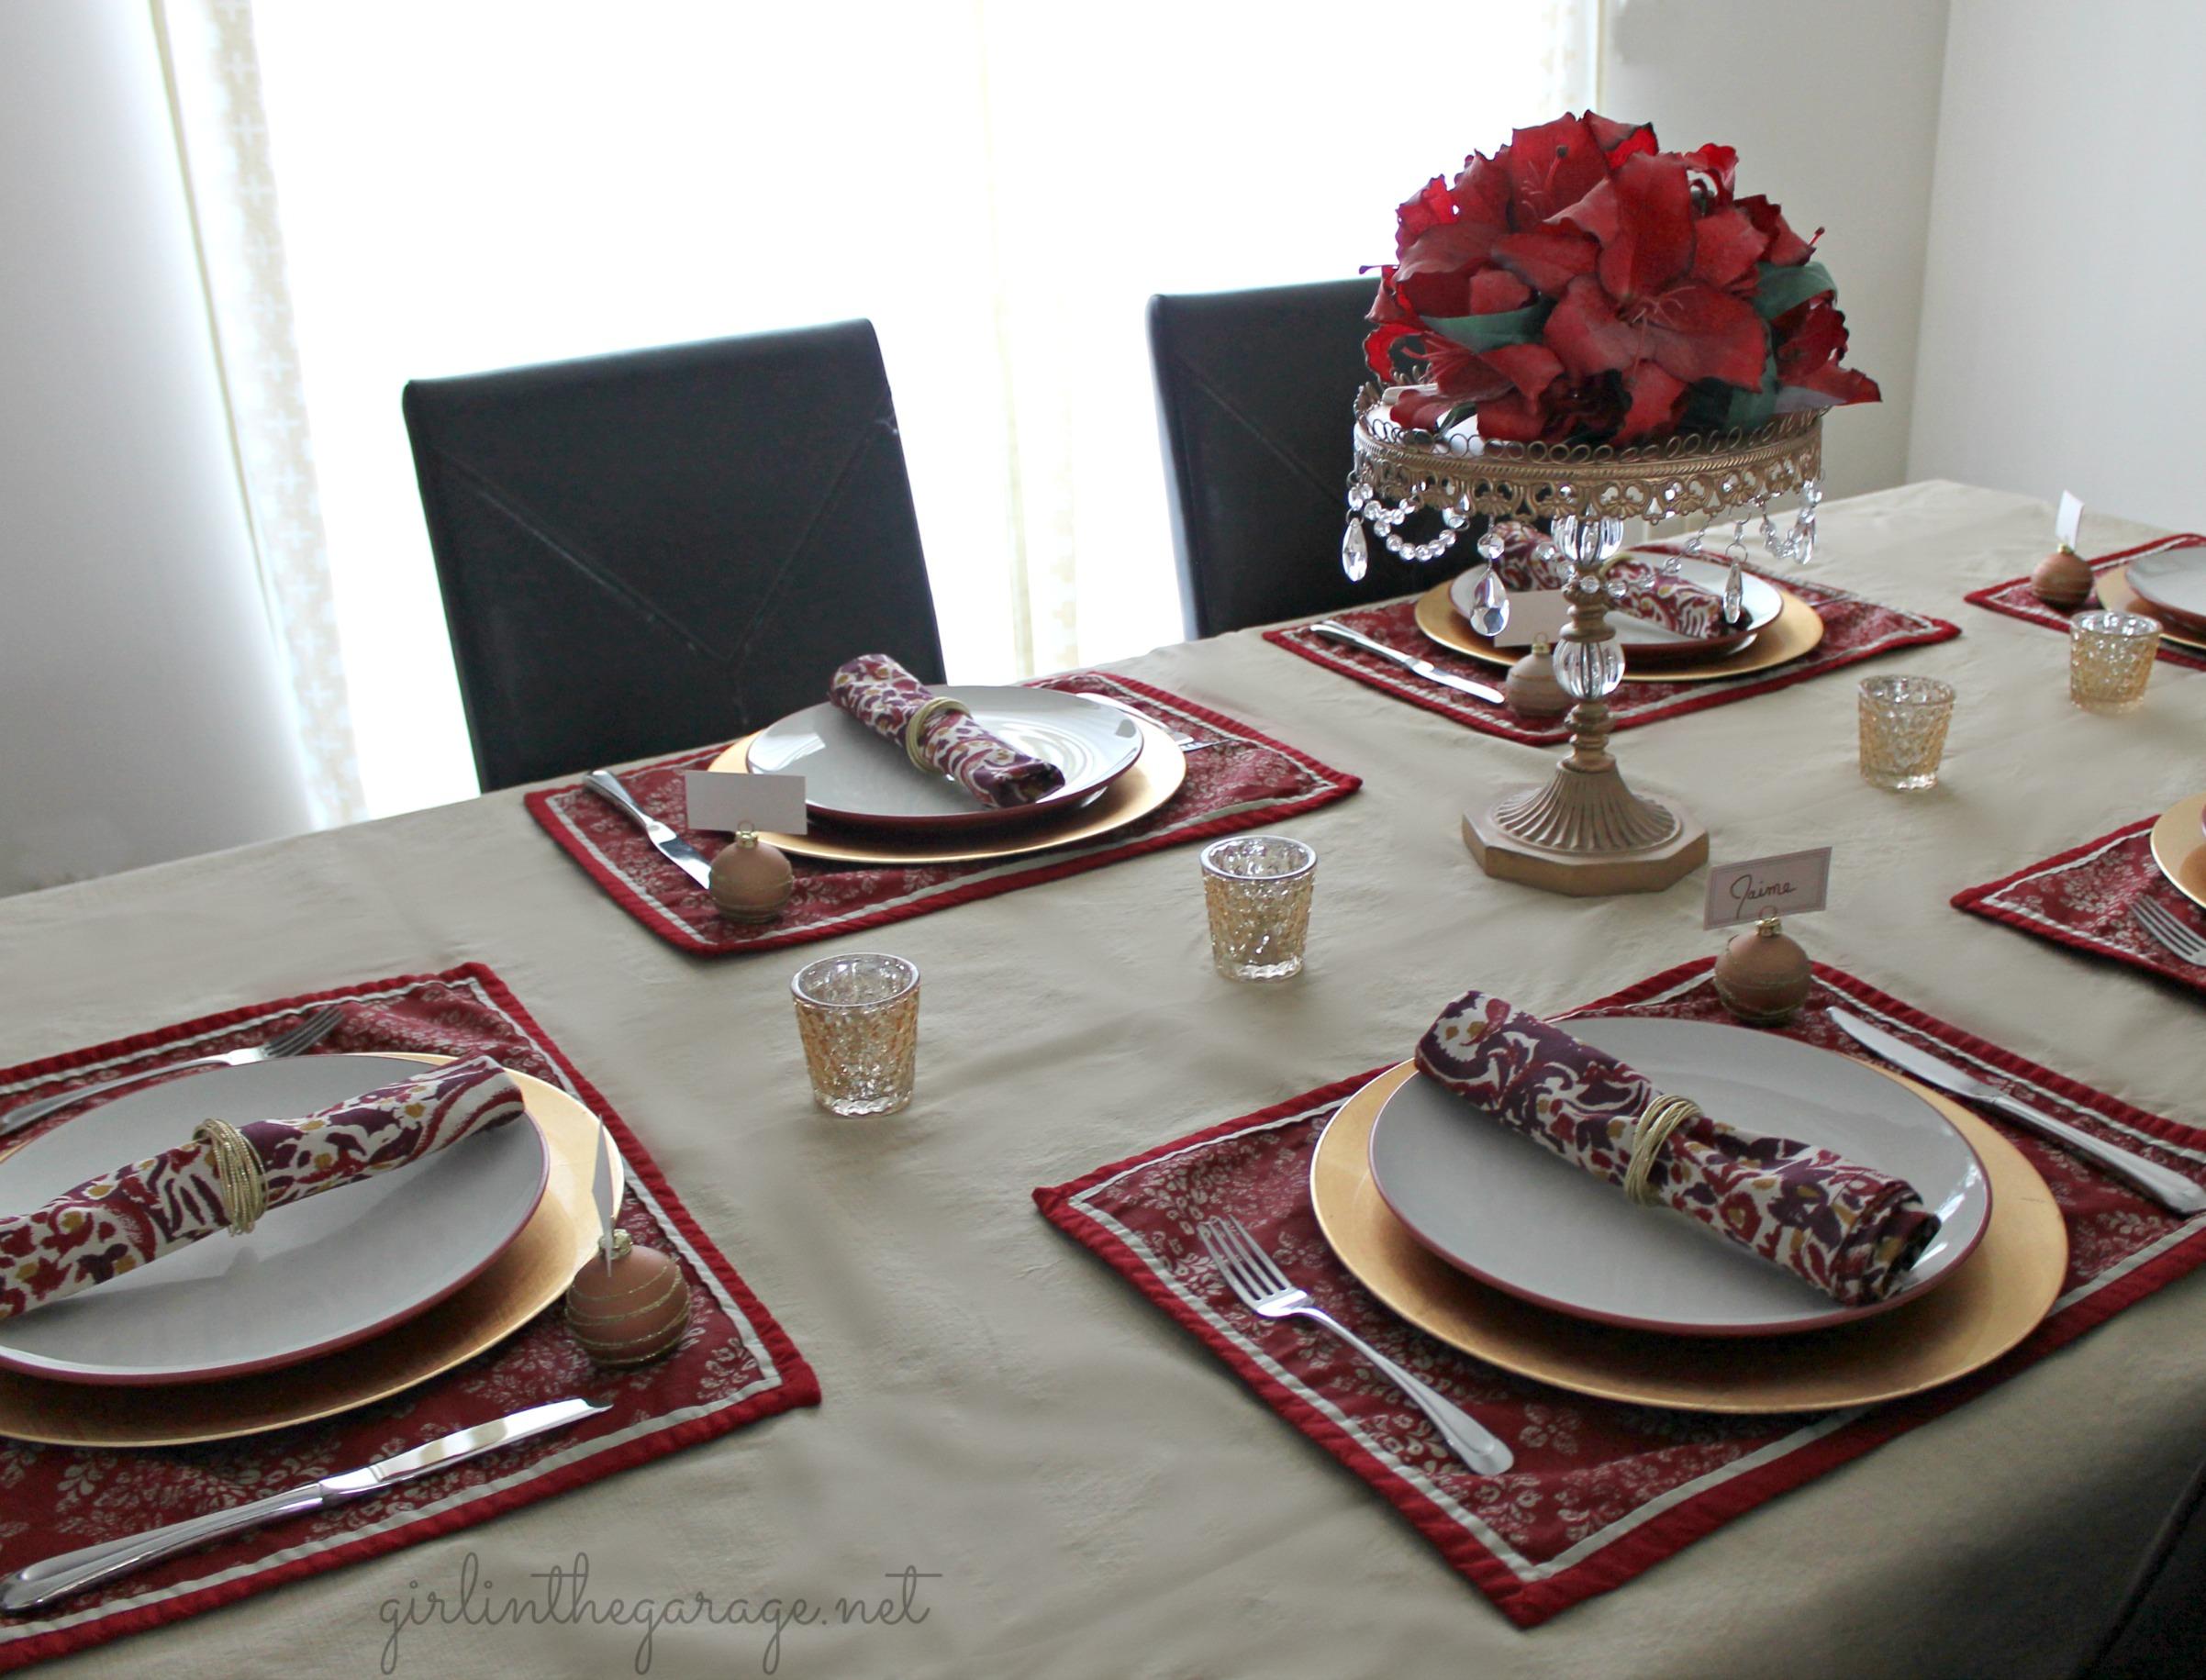 Stunning Perfect Christmas Table Setting Pictures - Best Image ... Stunning Perfect Christmas Table Setting Pictures Best Image & Stunning Perfect Christmas Table Setting Pictures - Best Image ...